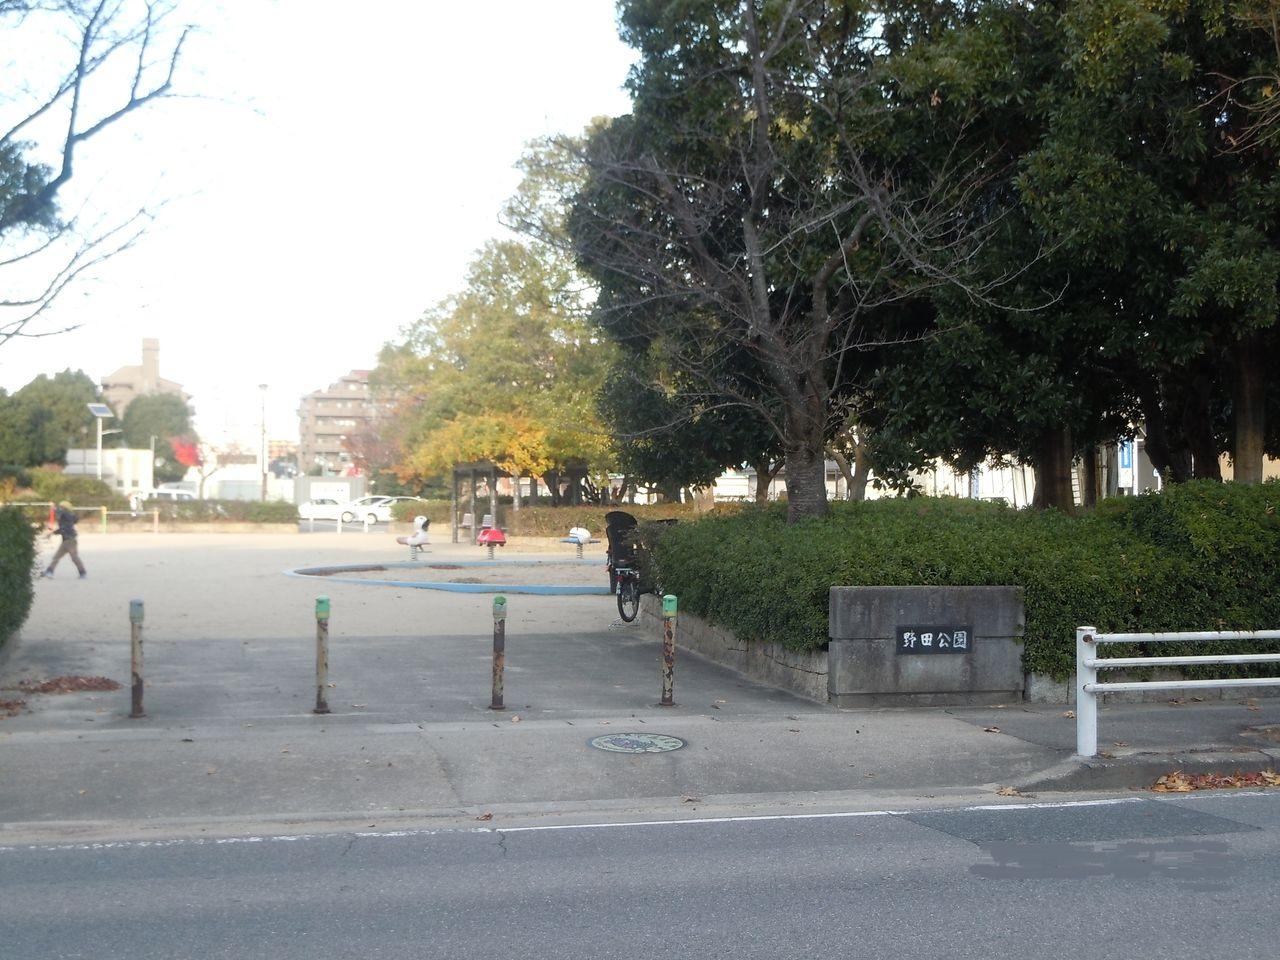 野田公園の中にはグラウンドがあり、軟式野球、ソフトボールなどが利用できます。ナイター施設(1面)があります。ナイター料金令和3年10月1日利用分より、1,700円に変更になります。駐車場あり(30台)